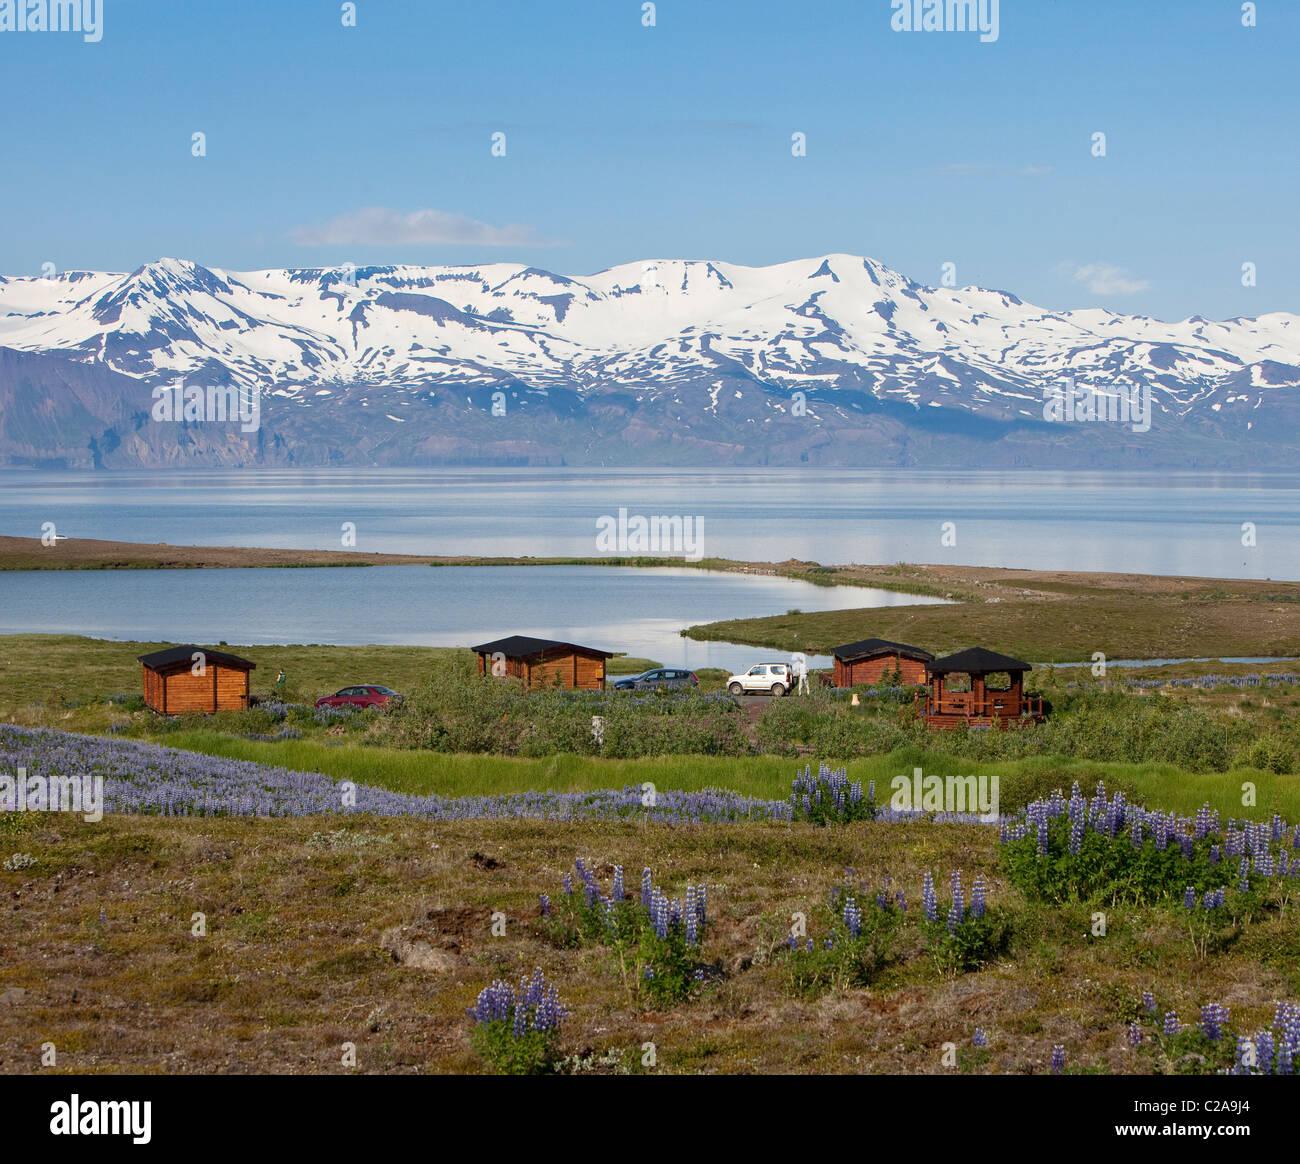 Casa de verano y vistas al mar y las montañas, la bahía de Skjalfandi, la Península de Tjornes, Islandia Imagen De Stock